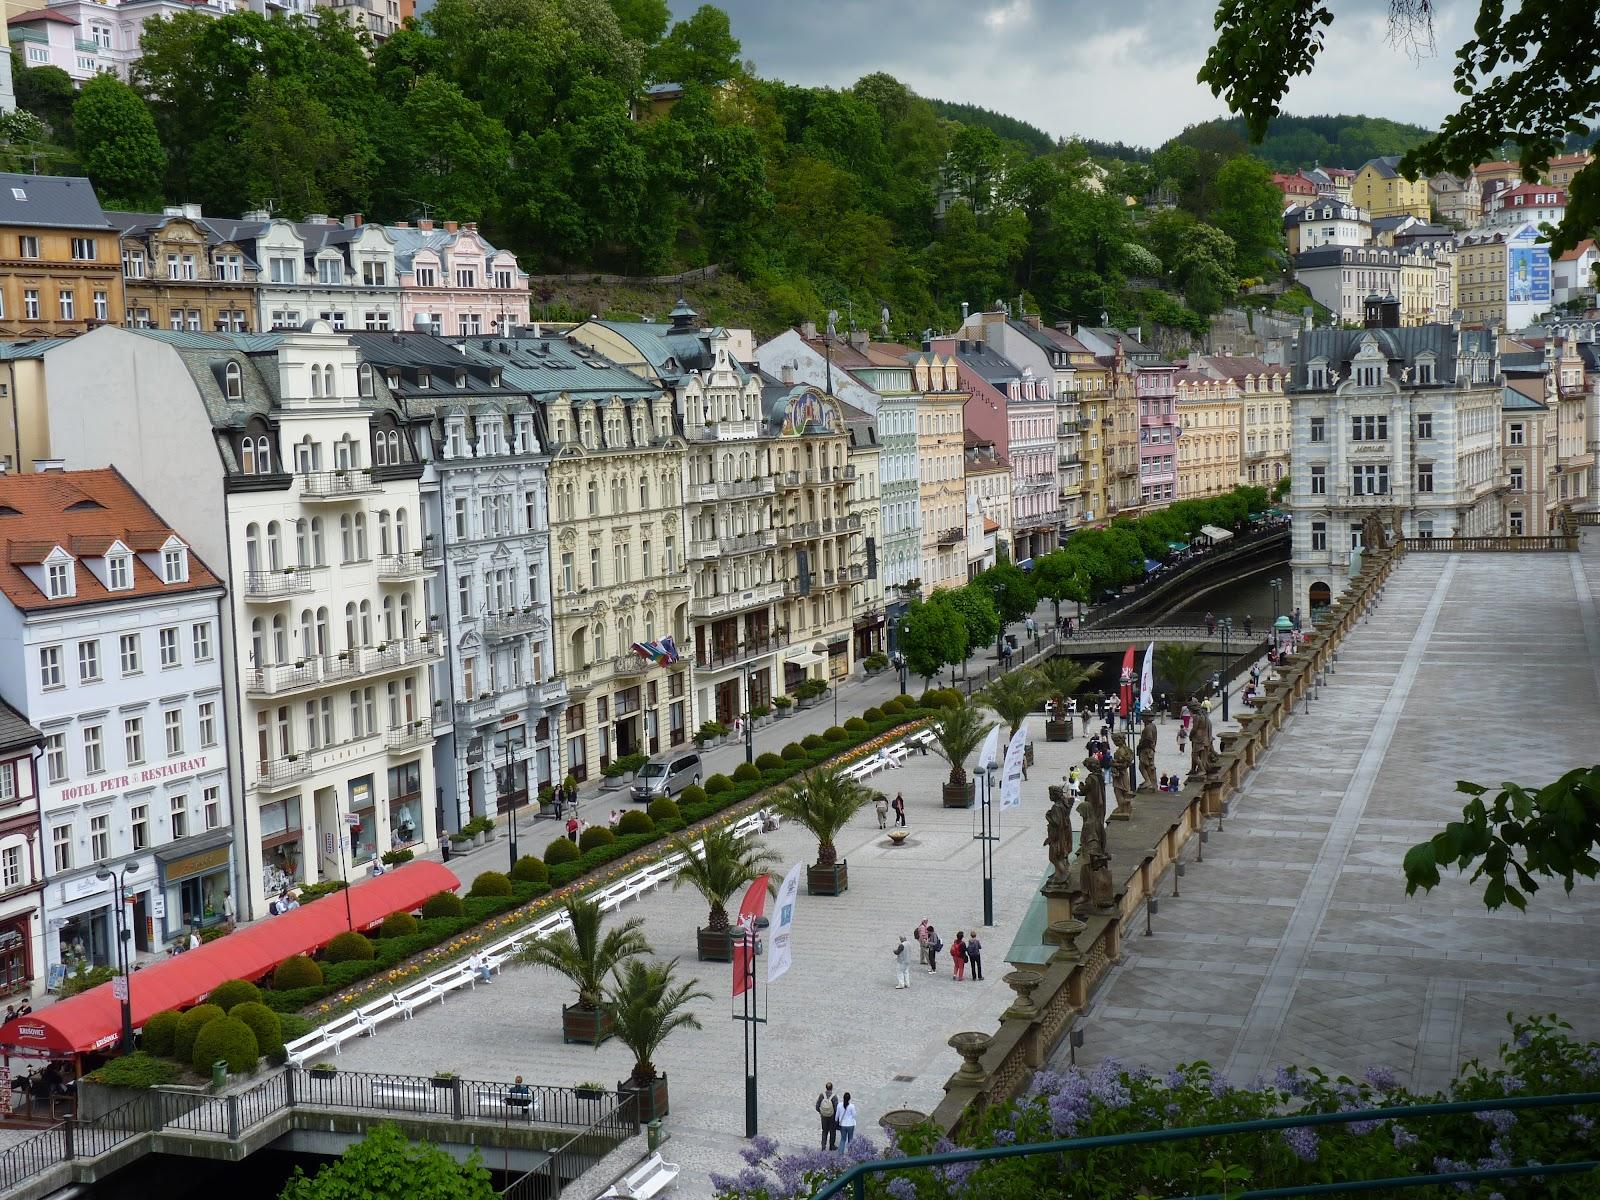 File:Fájl- Karlovy Vary.jpg